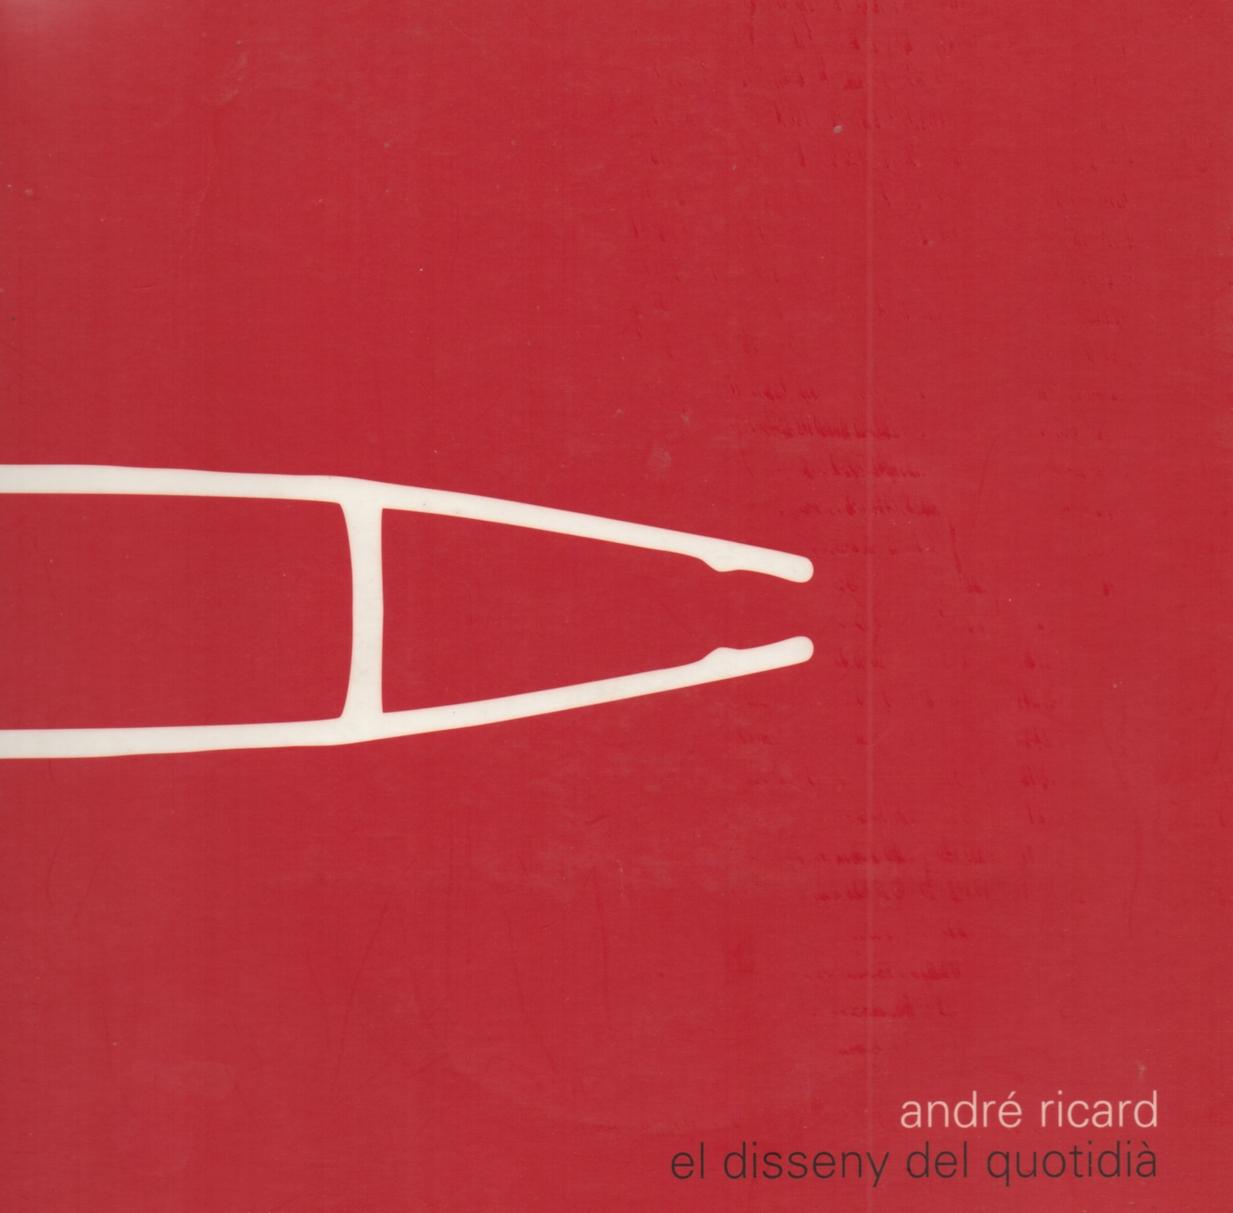 capa do livro da exposição